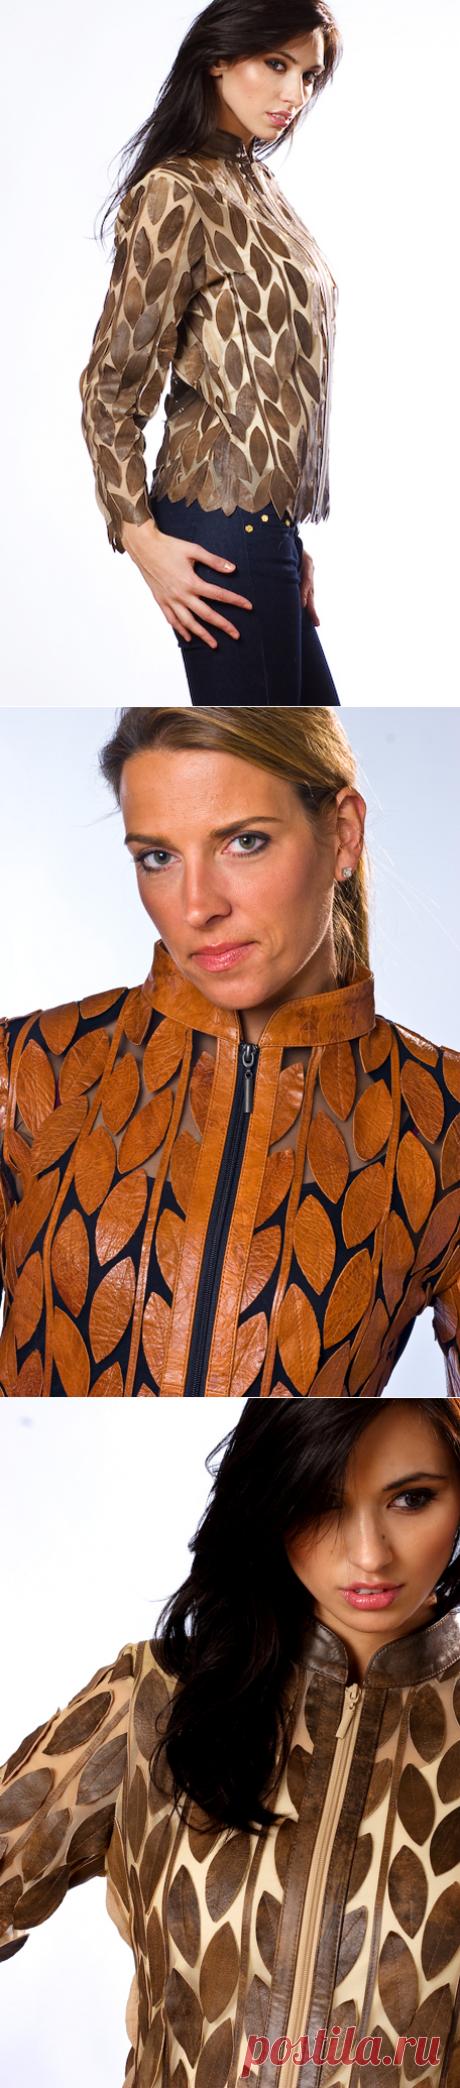 Интересная куртка из кусков кожи в разной цветовой гамме